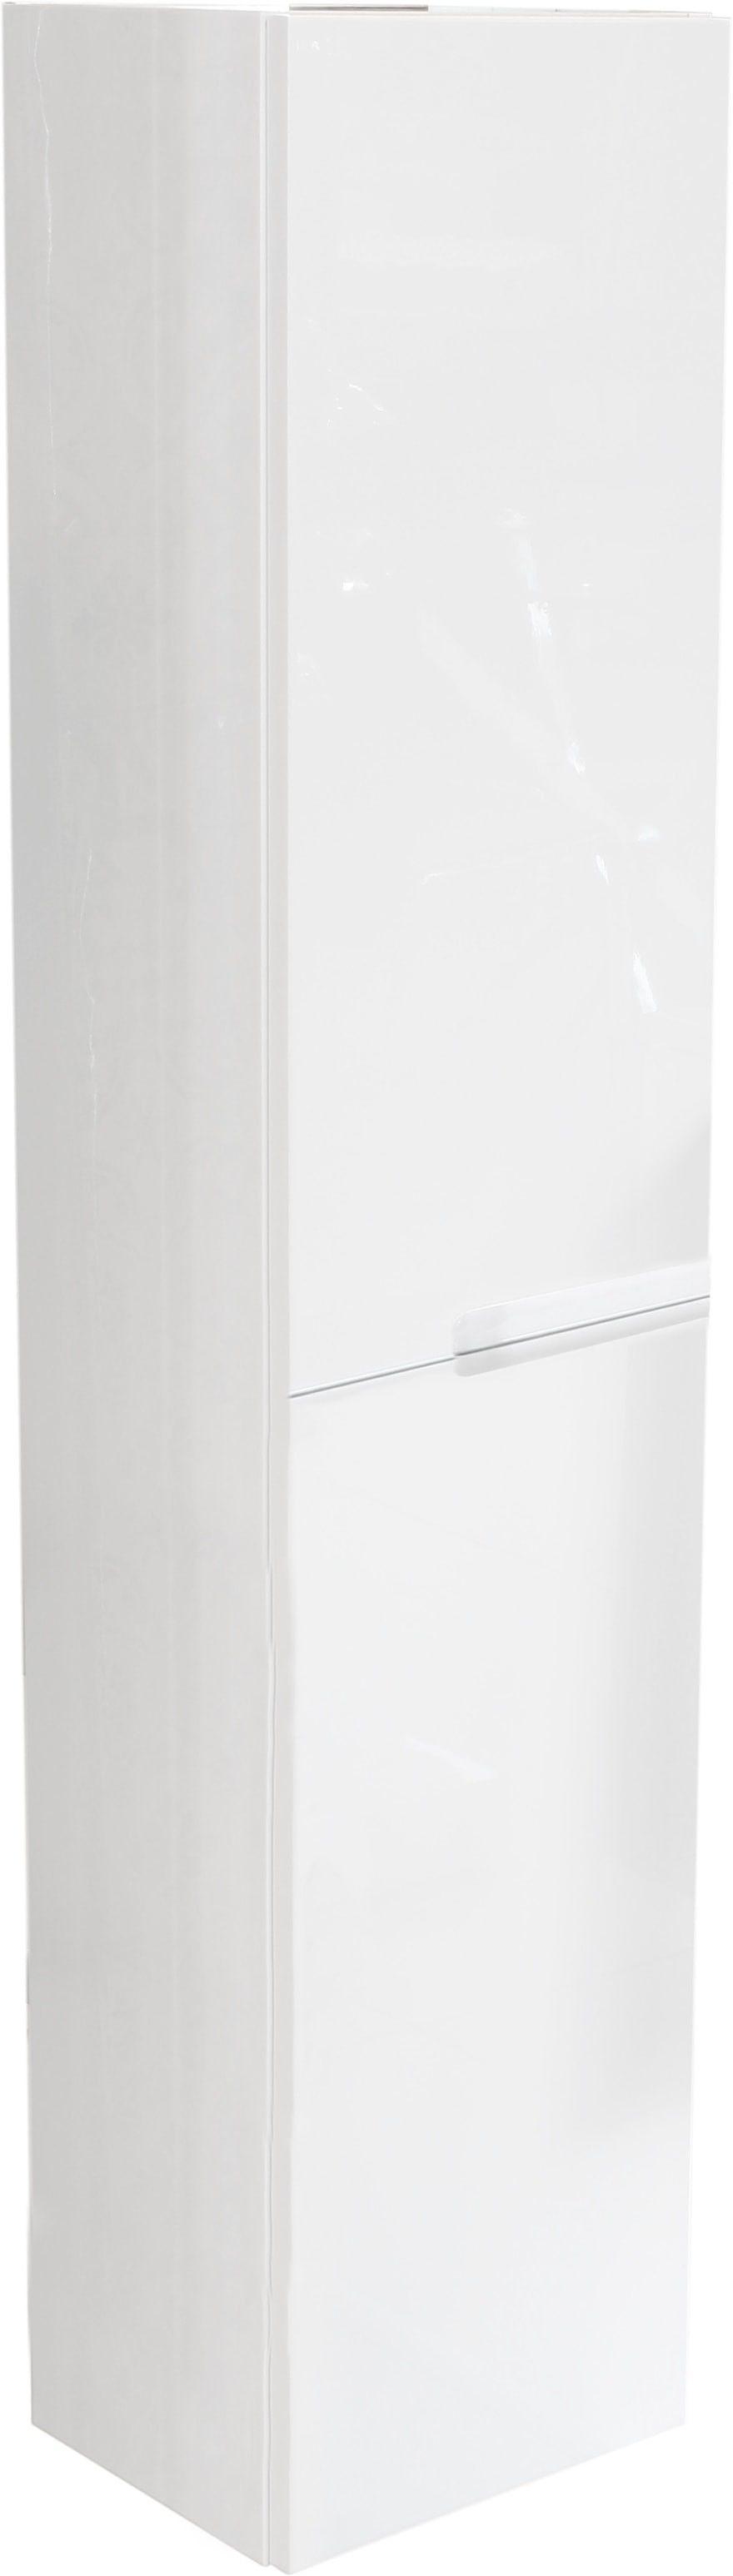 Lavita Floryda słupek wiszący biały 140x30 cm